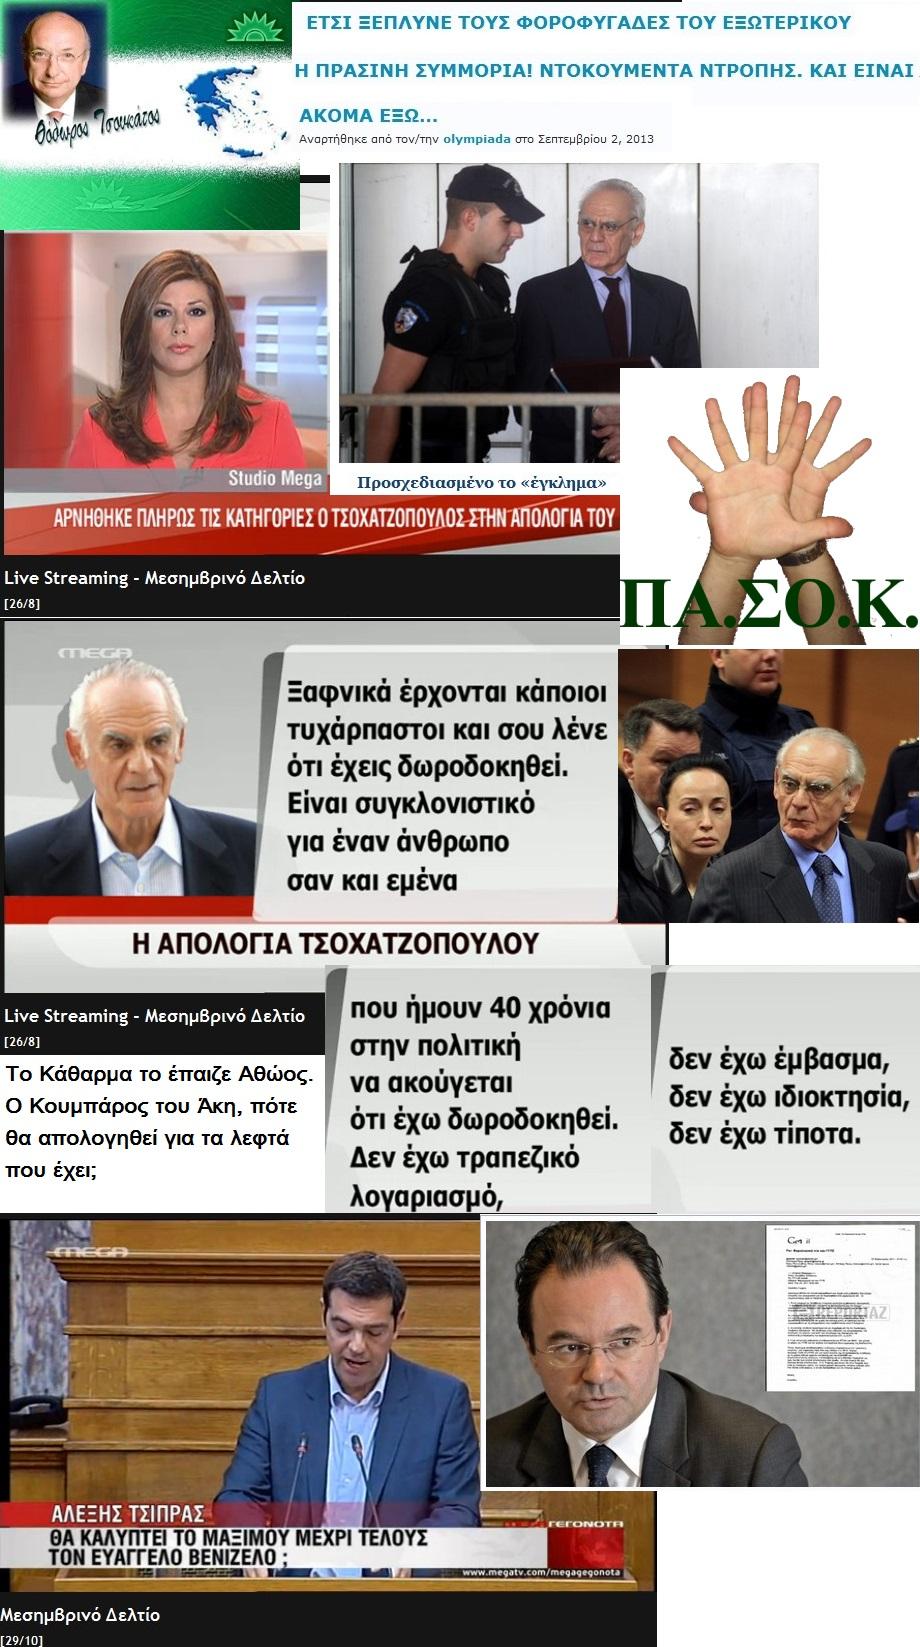 ELLADA TSOXATZOPOULOS MIZES TSOUKATOS PAPAKONSTANTINOU 01 200114